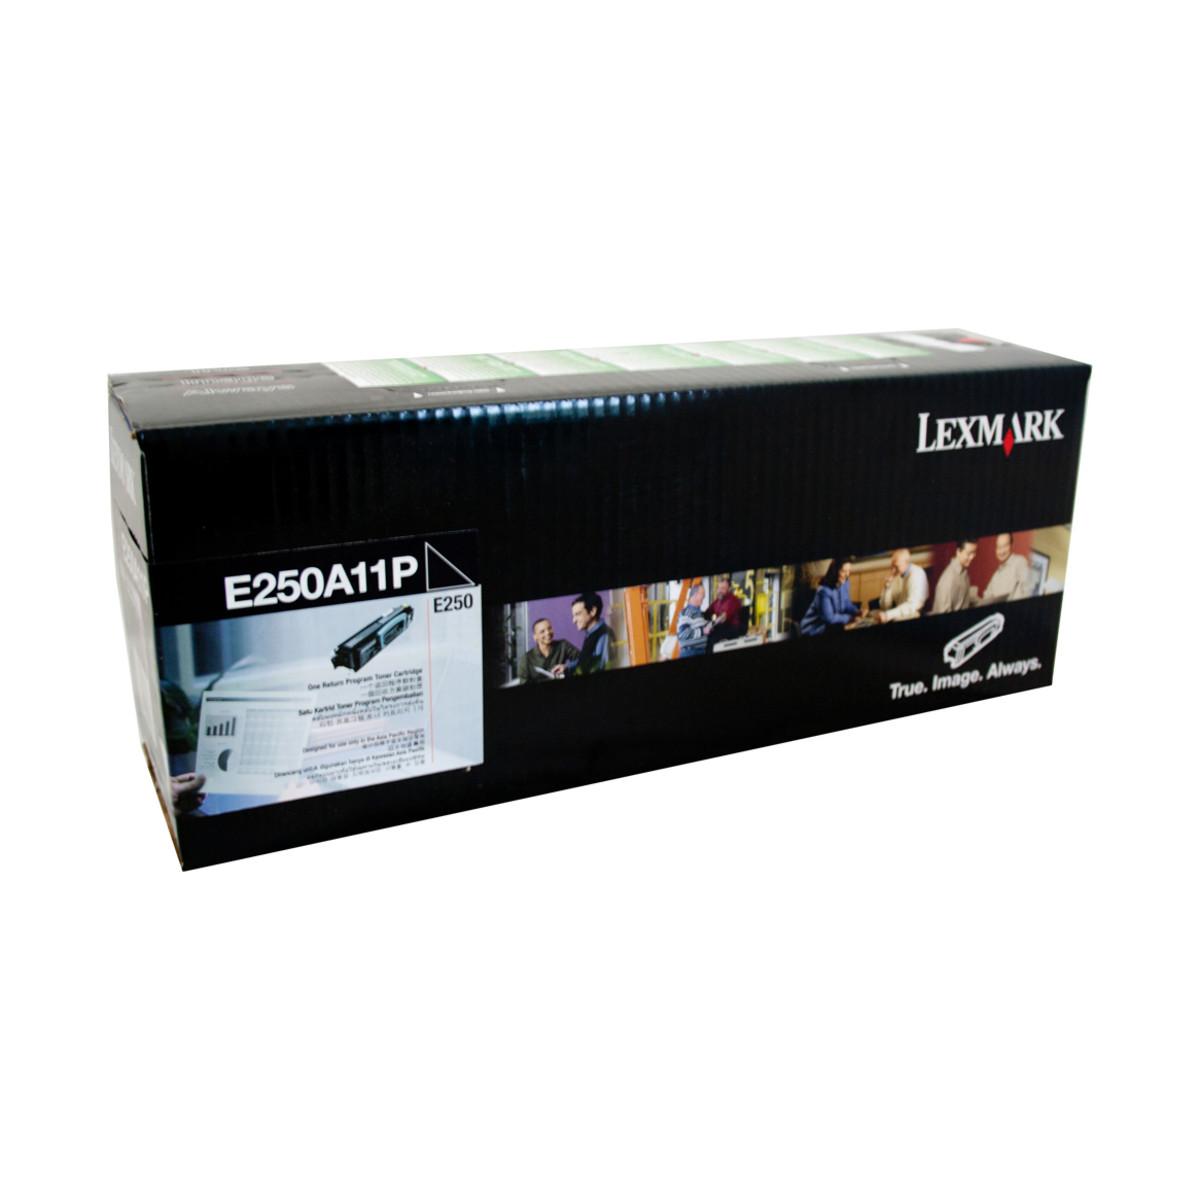 Lexmark E250A11P Prebate Toner Cartridge